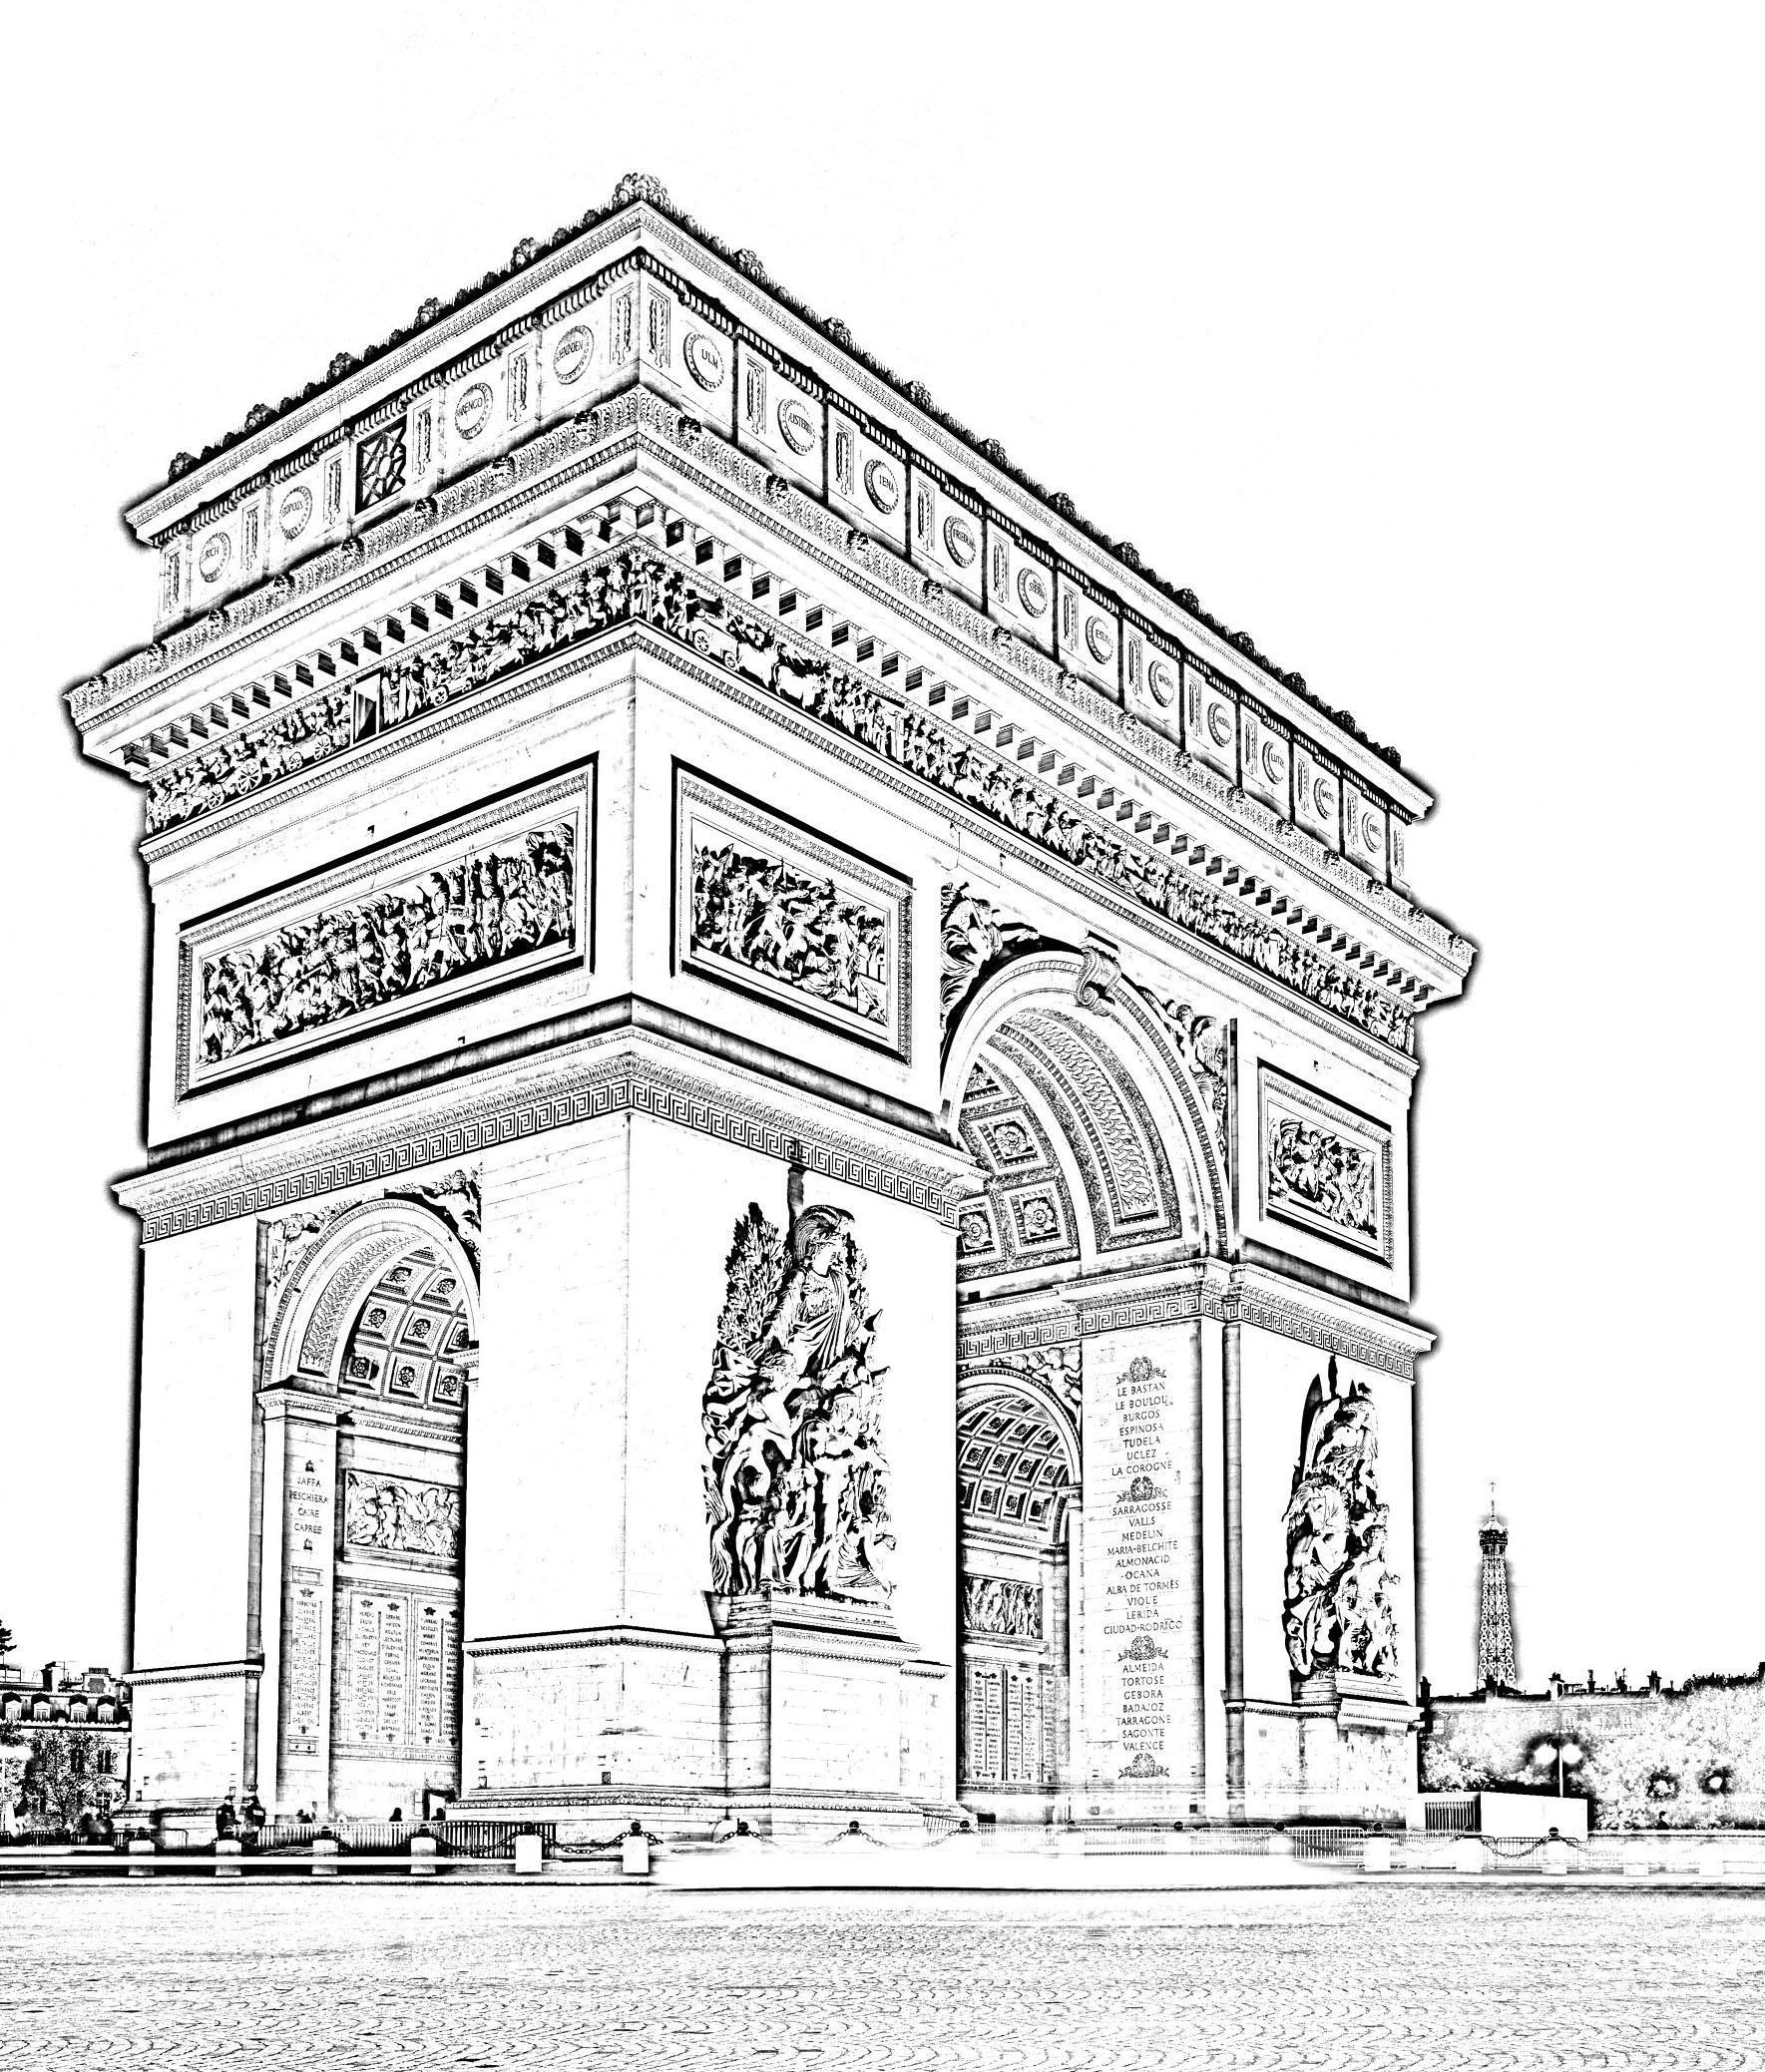 Disegni da colorare per adulti : Paris - 14